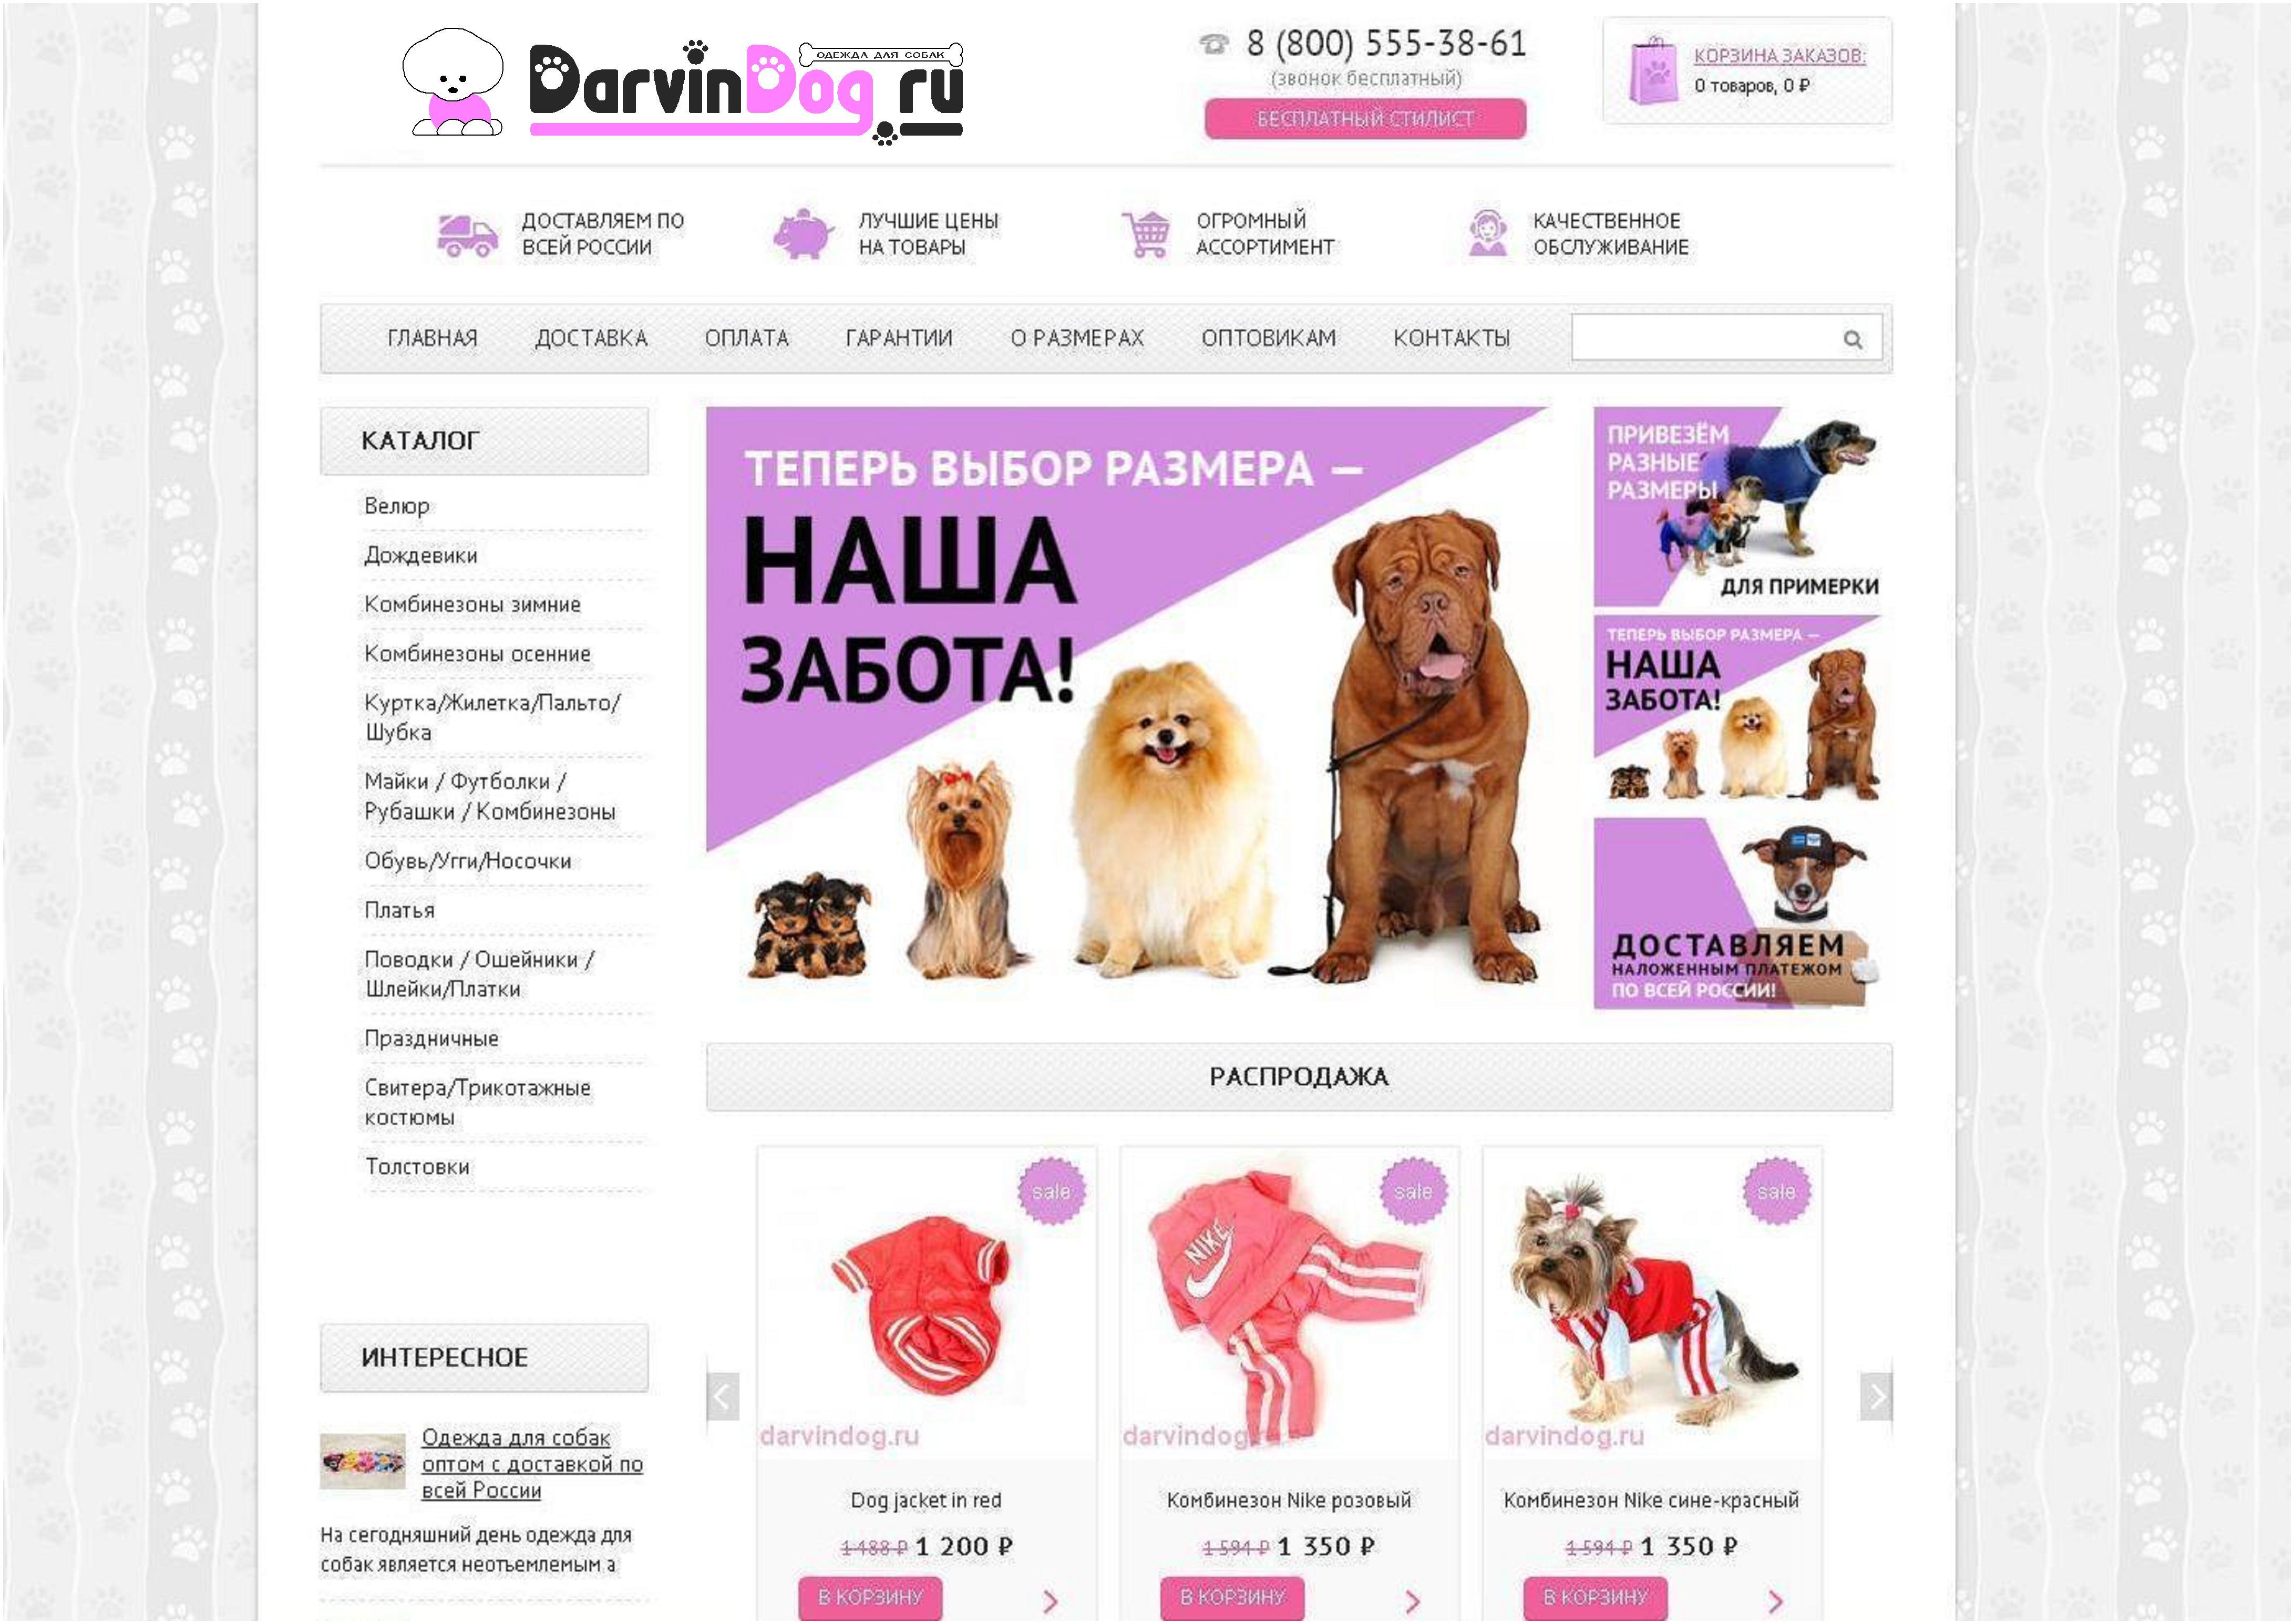 Создать логотип для интернет магазина одежды для собак фото f_977564c5e3ec94be.jpg